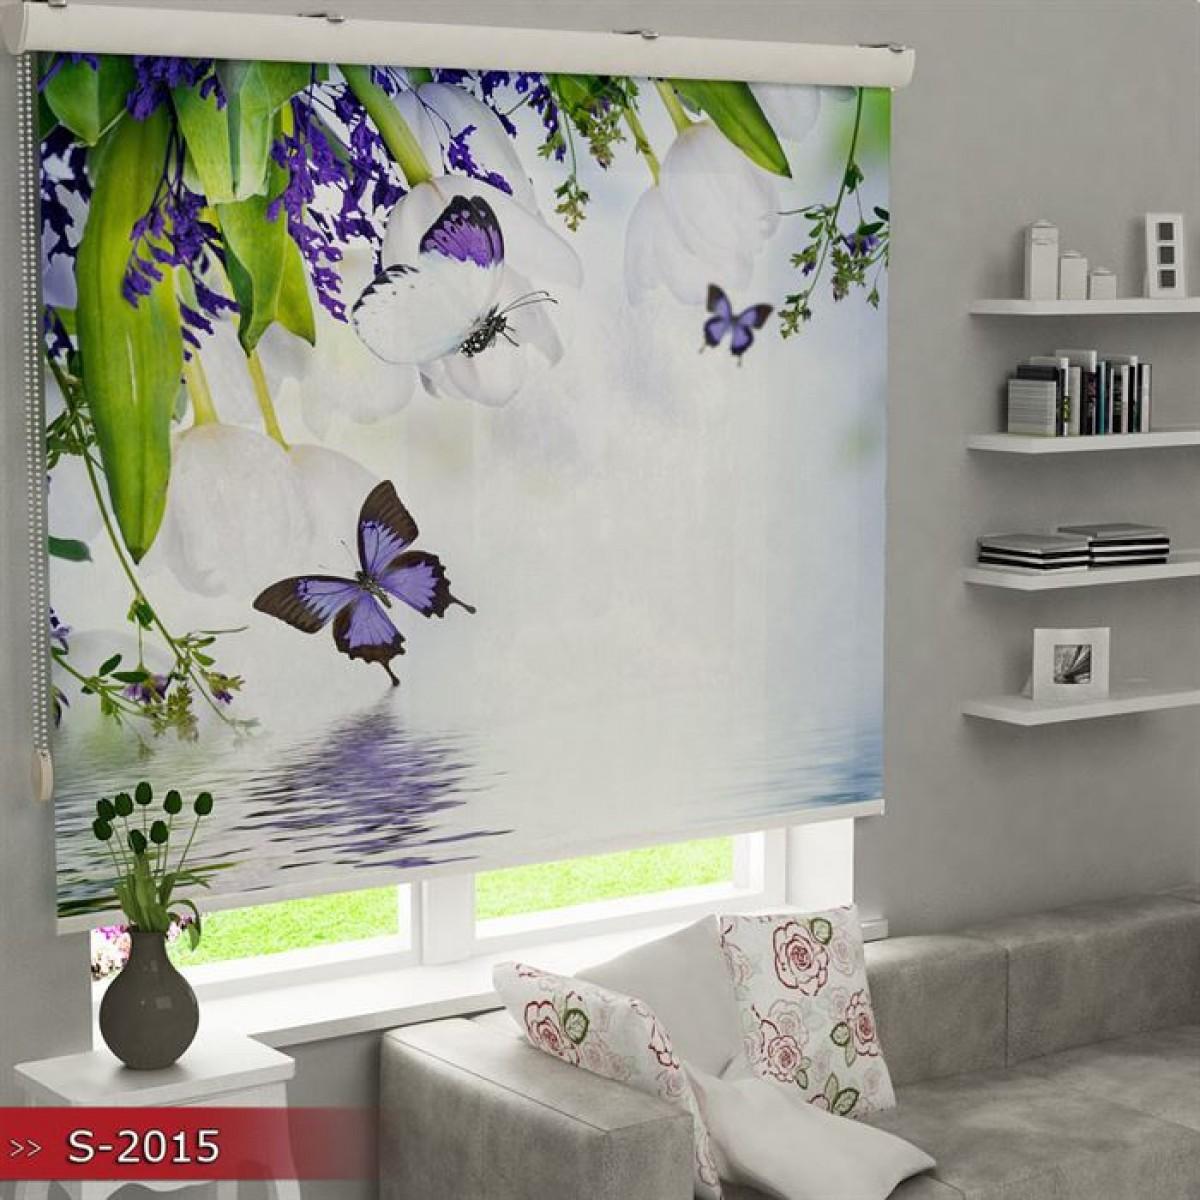 Mutfak - Kelebekler ve Çiçekler Baskılı Stor Perde - (GÜNEŞLİK)